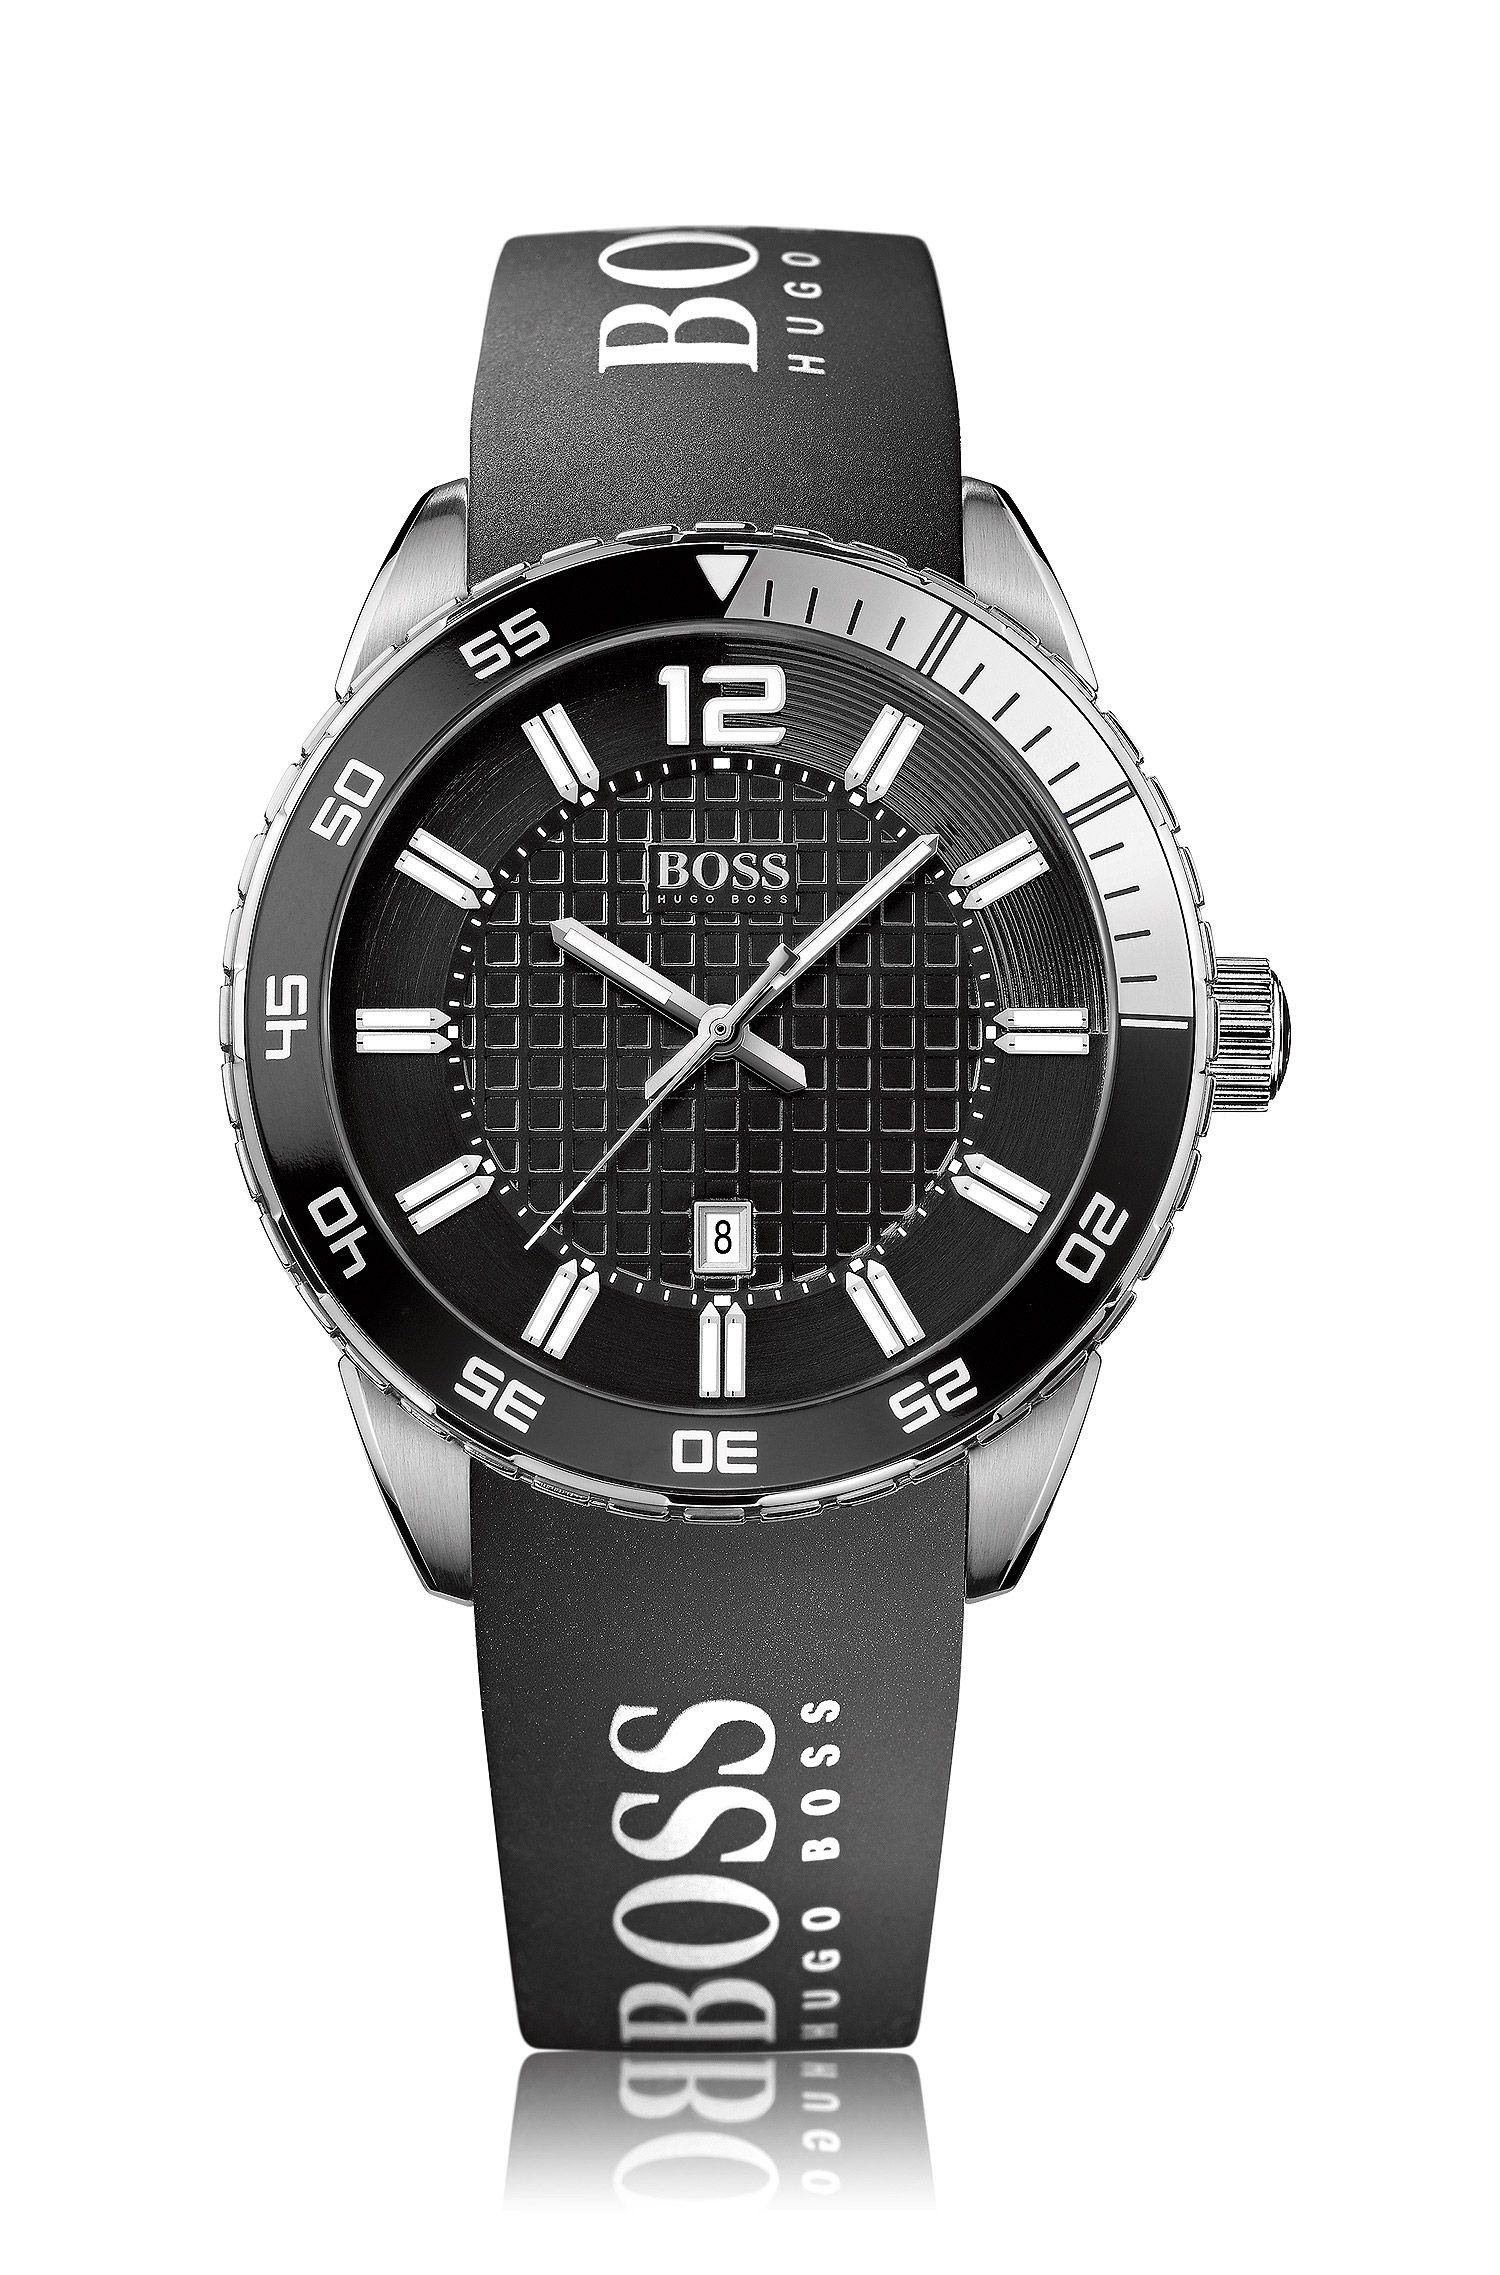 Herenhorloge 'HB6013' met siliconen band